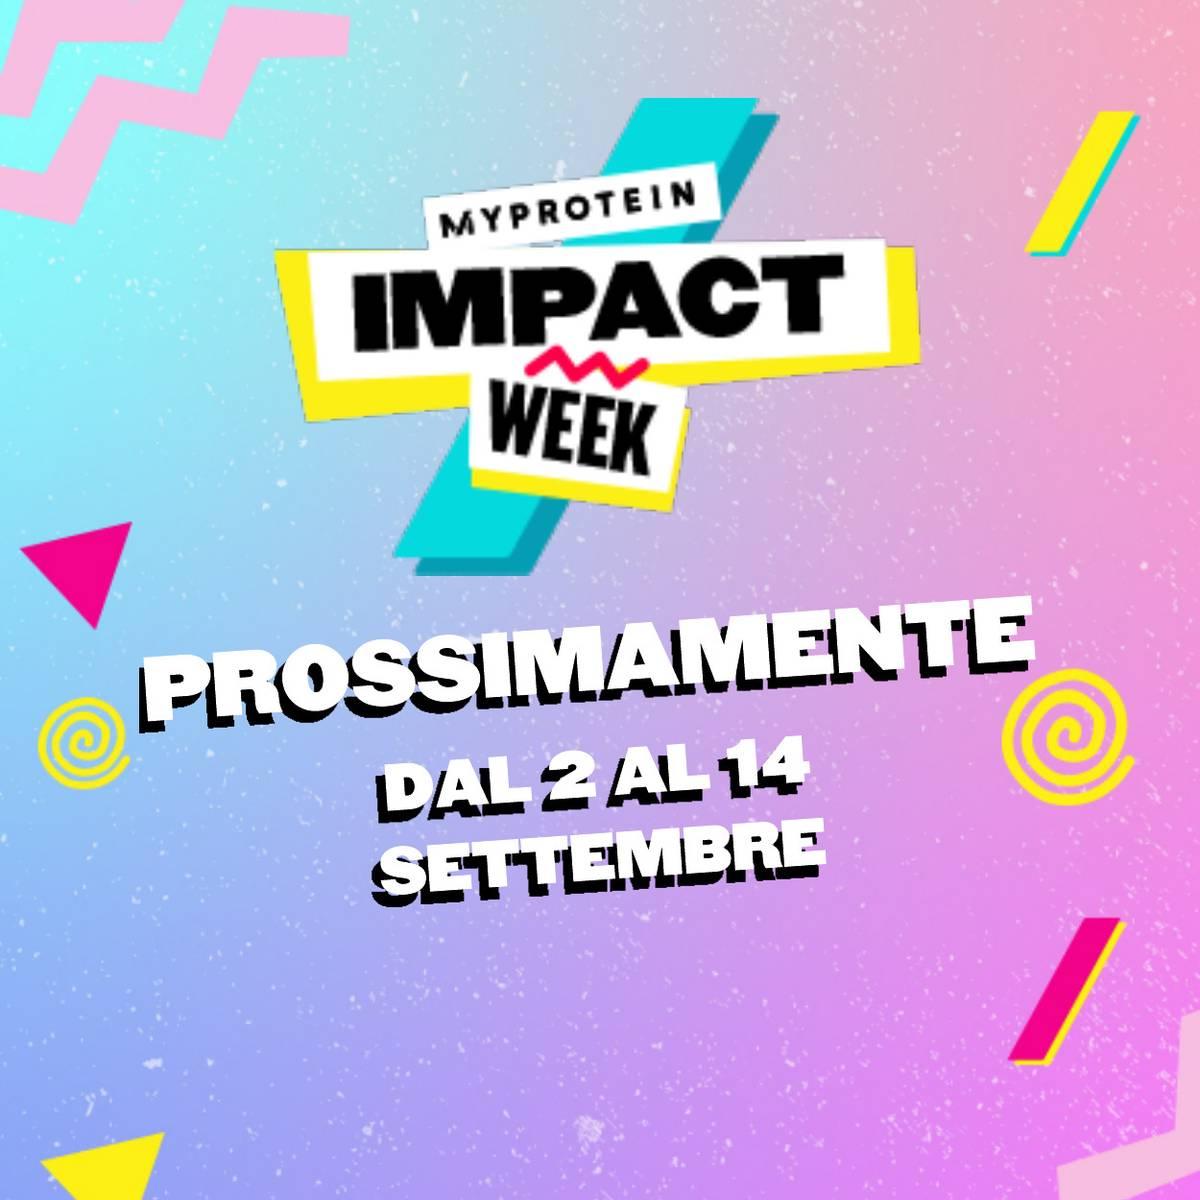 Myprotein x Impact Week